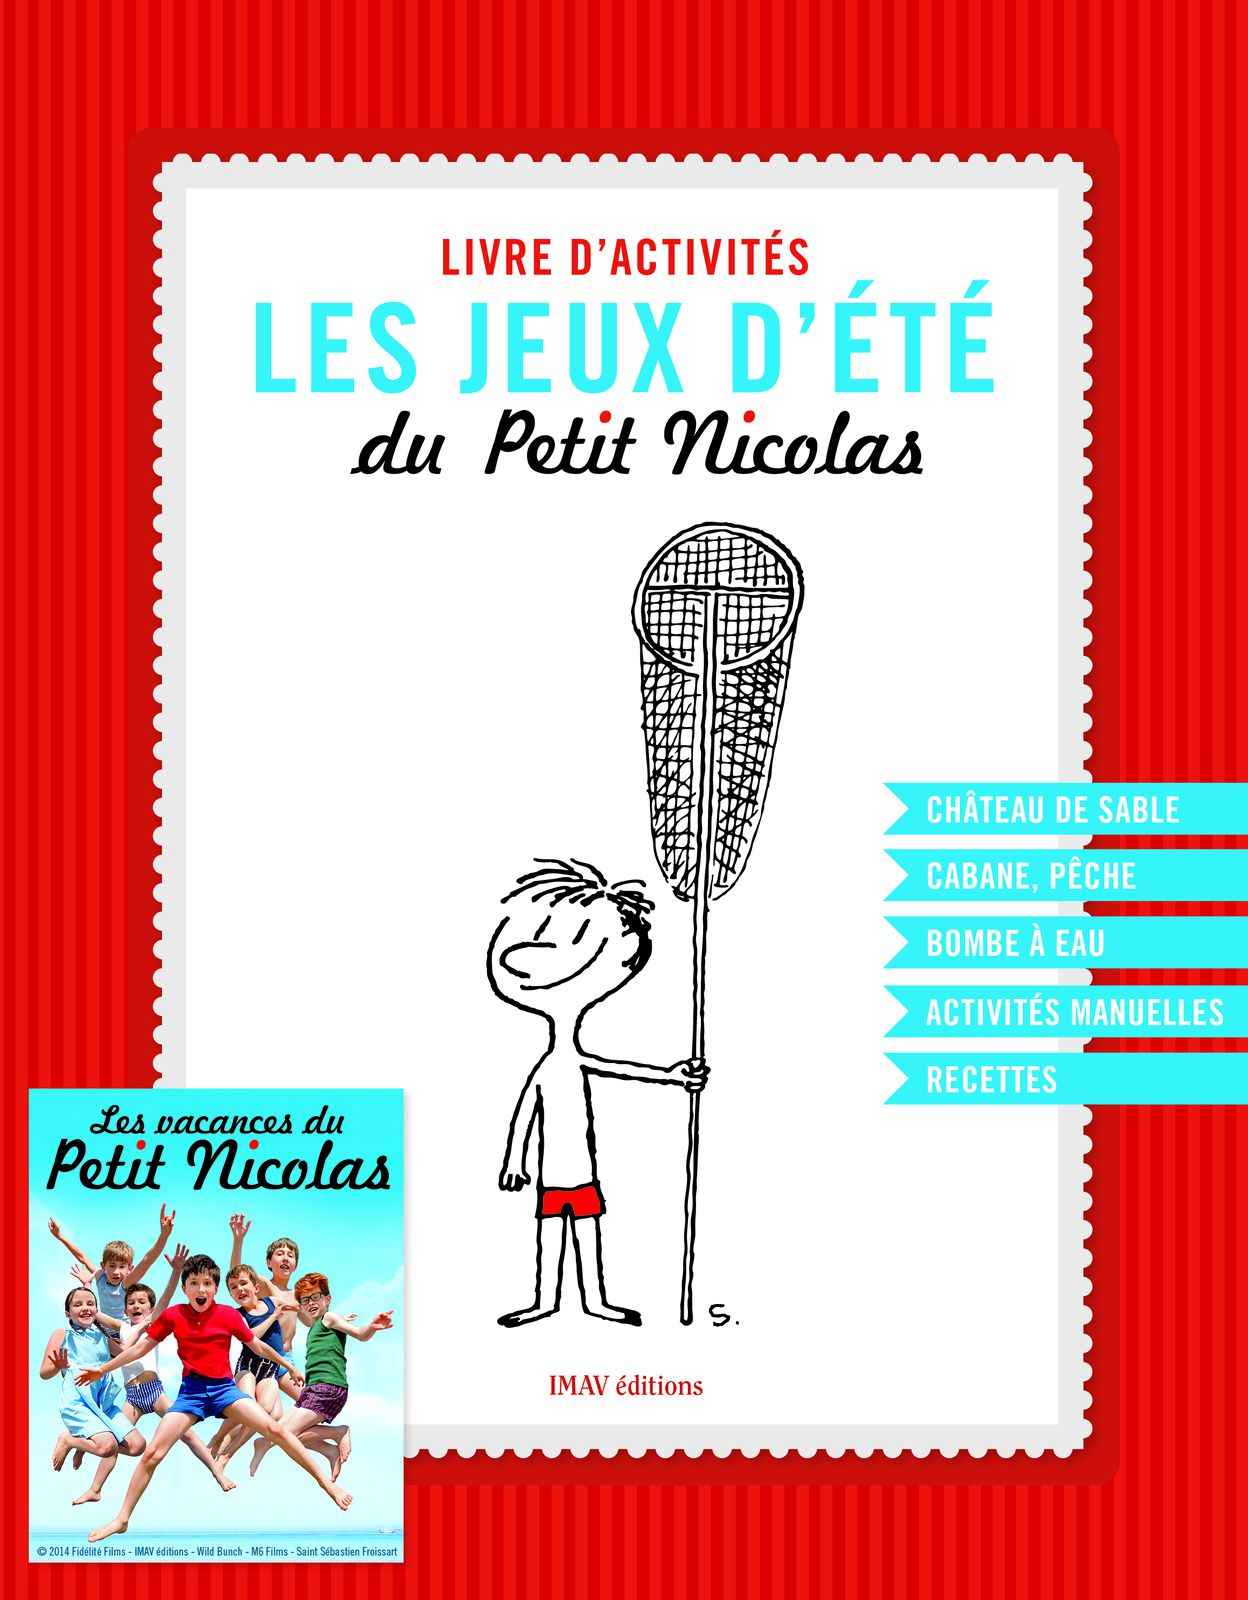 Les vacances du Petit Nicolas (places de ciné et autres cadeaux inside)